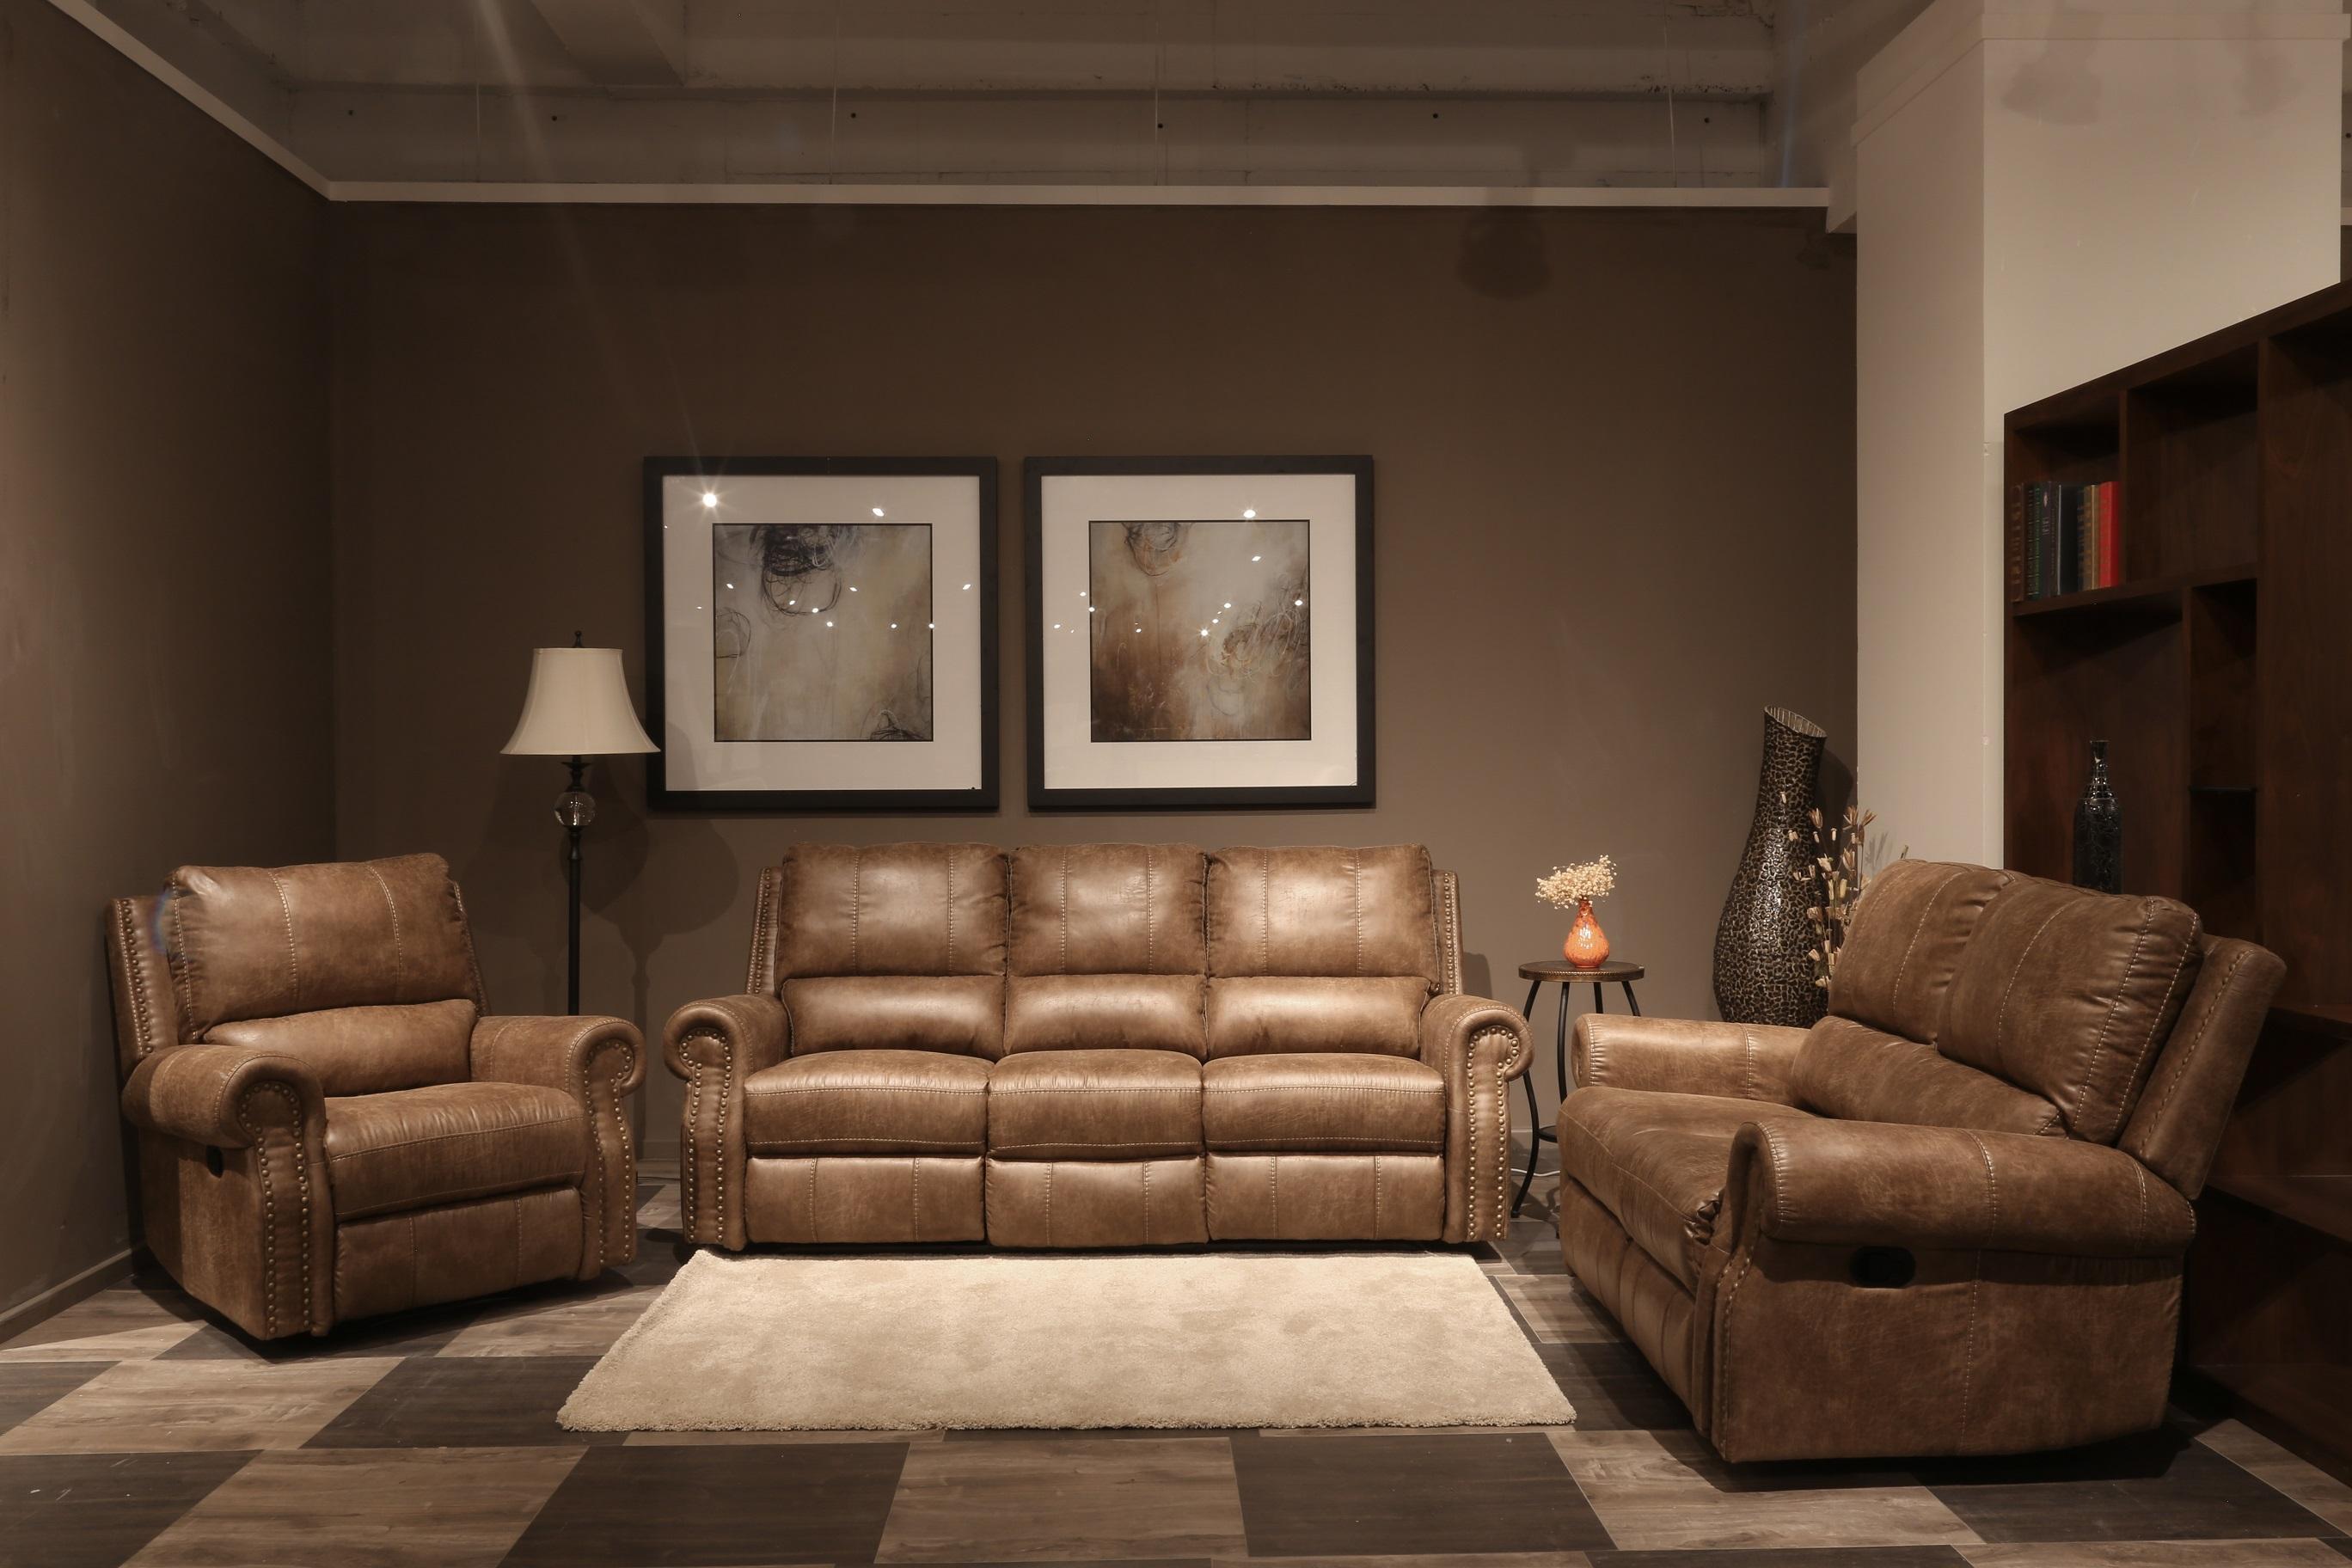 7665 mega furniture imports ltd. Black Bedroom Furniture Sets. Home Design Ideas